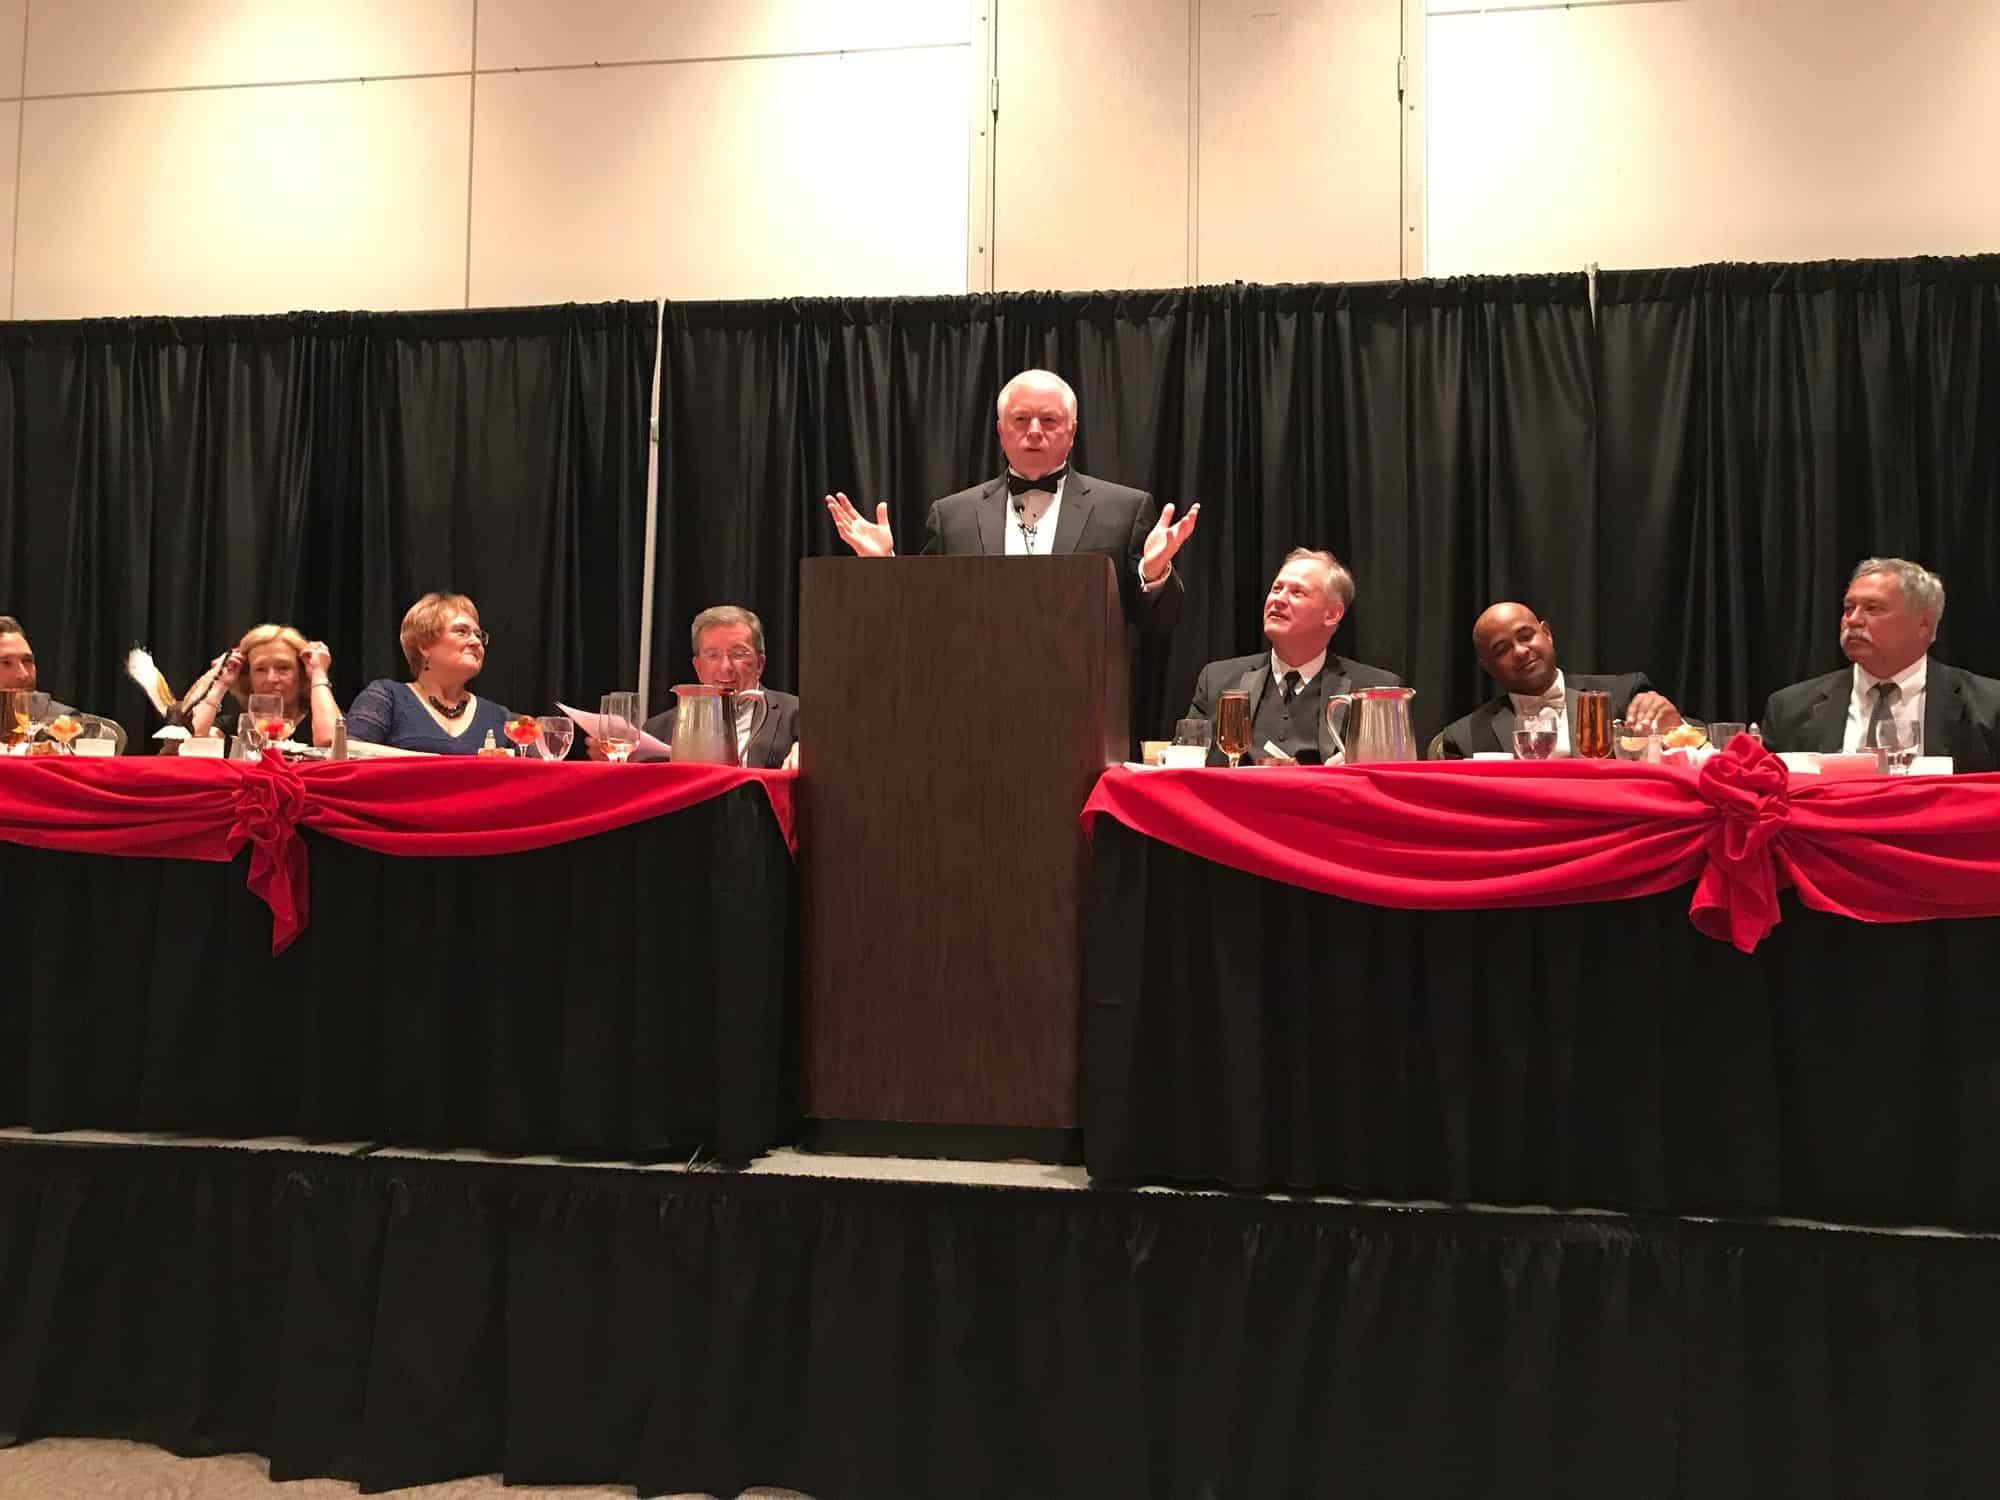 Buck Showalter speech